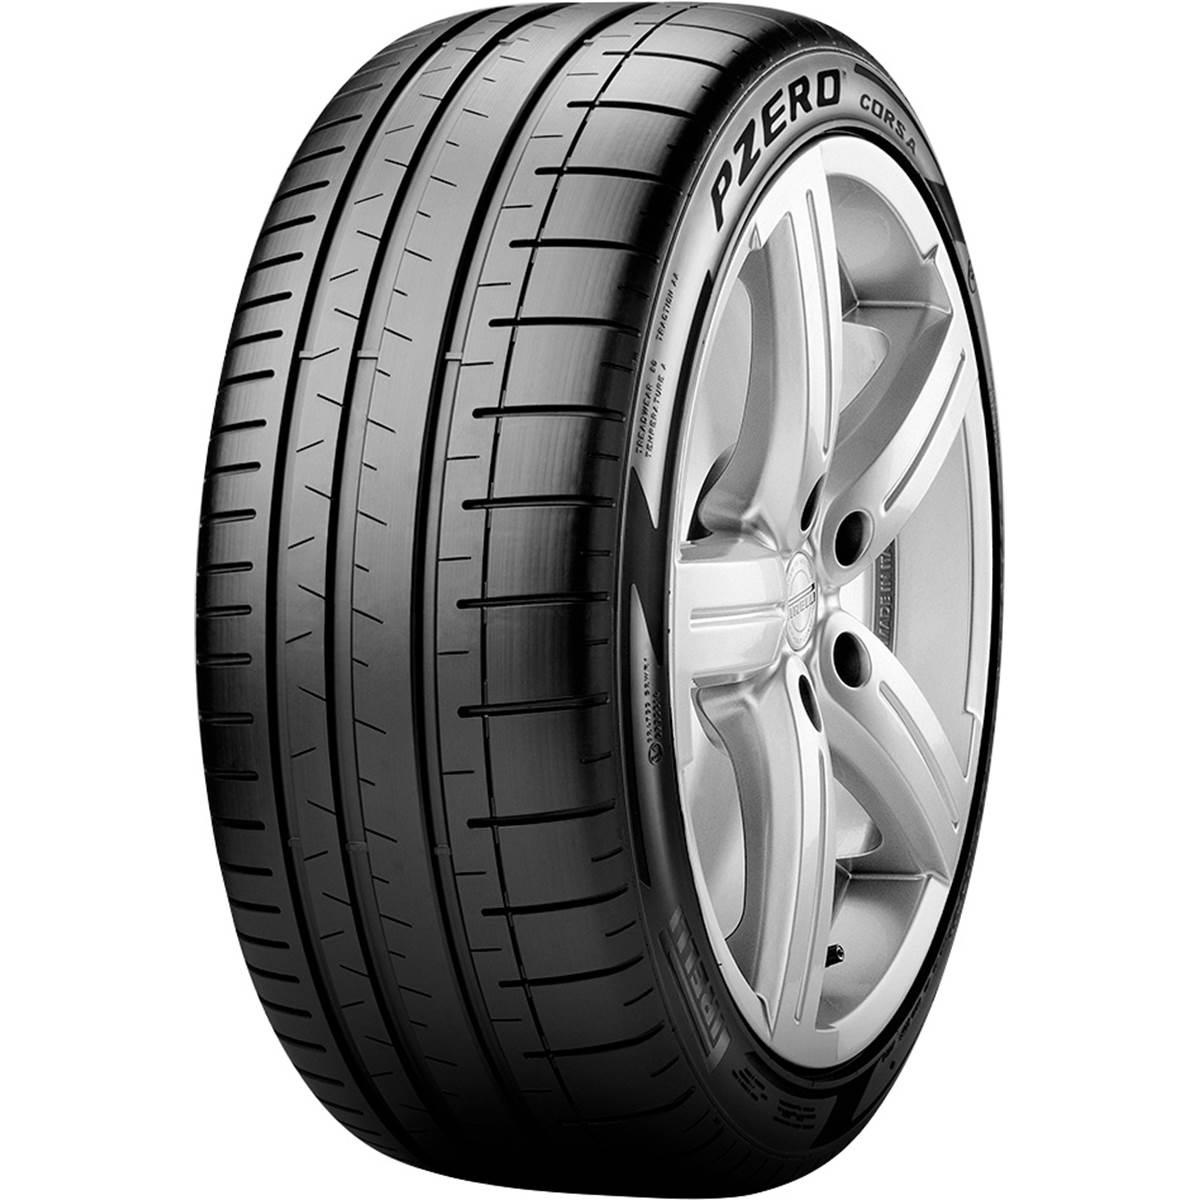 Pneu Pirelli 205/45R17 88Y Pzero Corsa XL